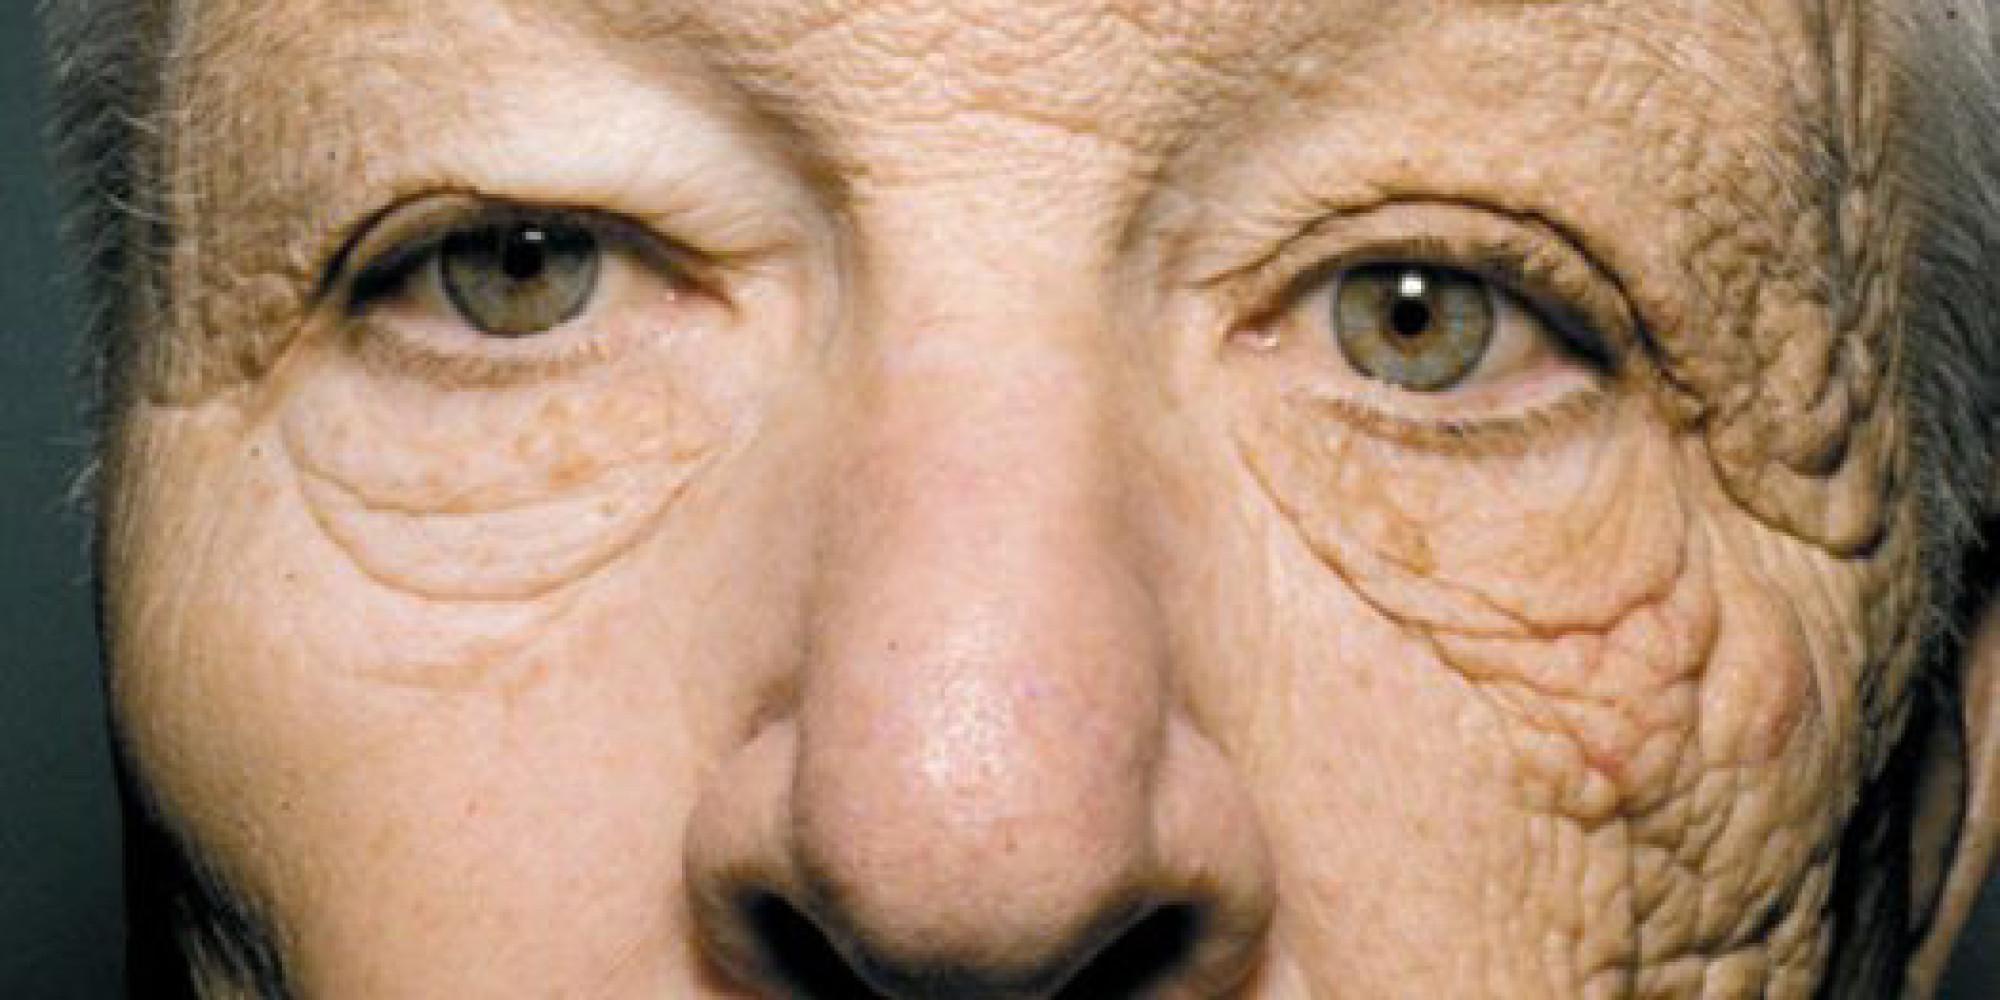 Siccome è corretto per usare la crema di decolorazione di faccia